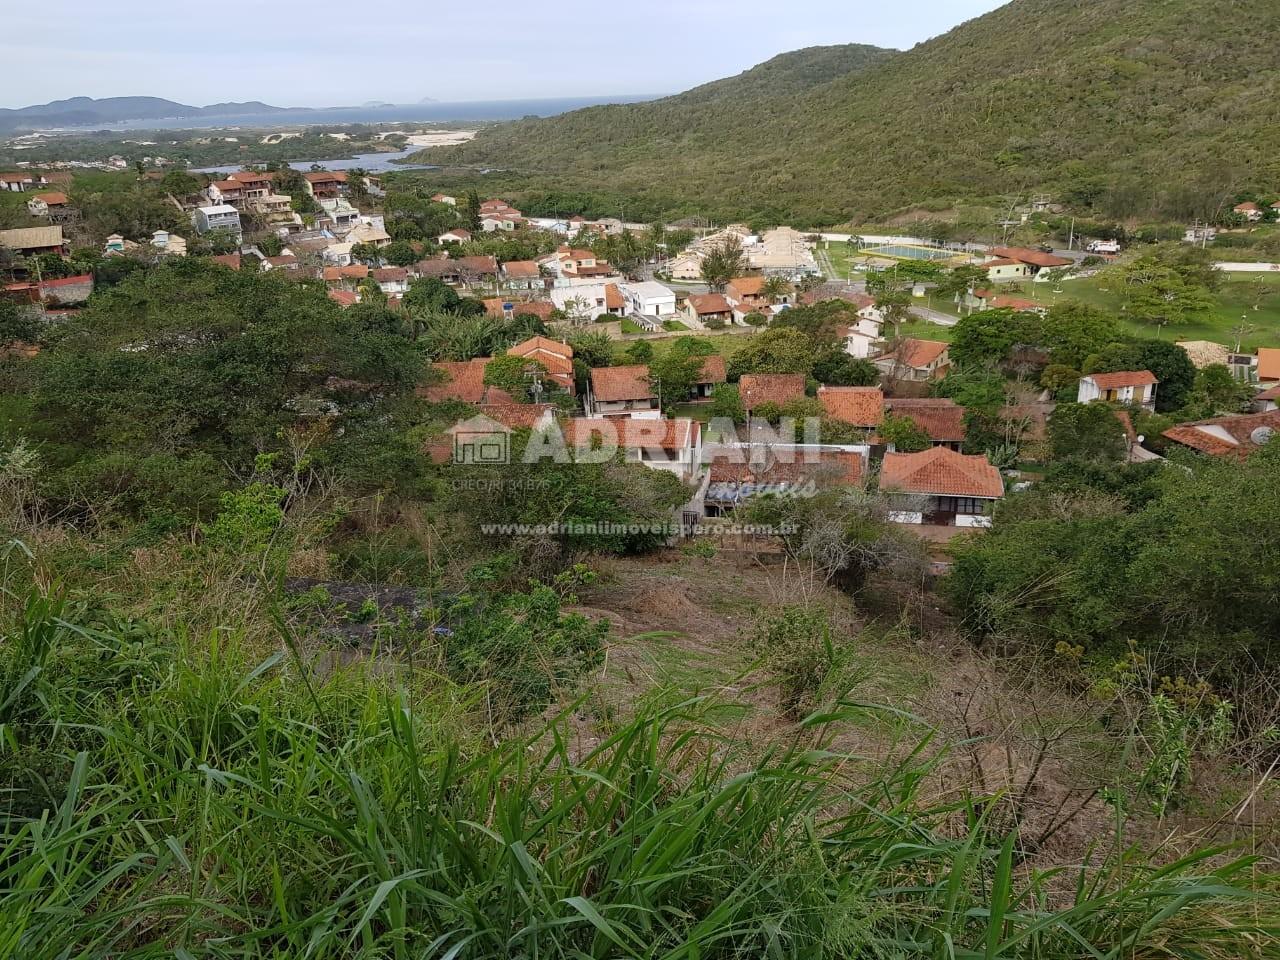 Cód 369 Terreno com linda vista  , com 2 suítes, venda, Peró, Cabo Frio – RJ